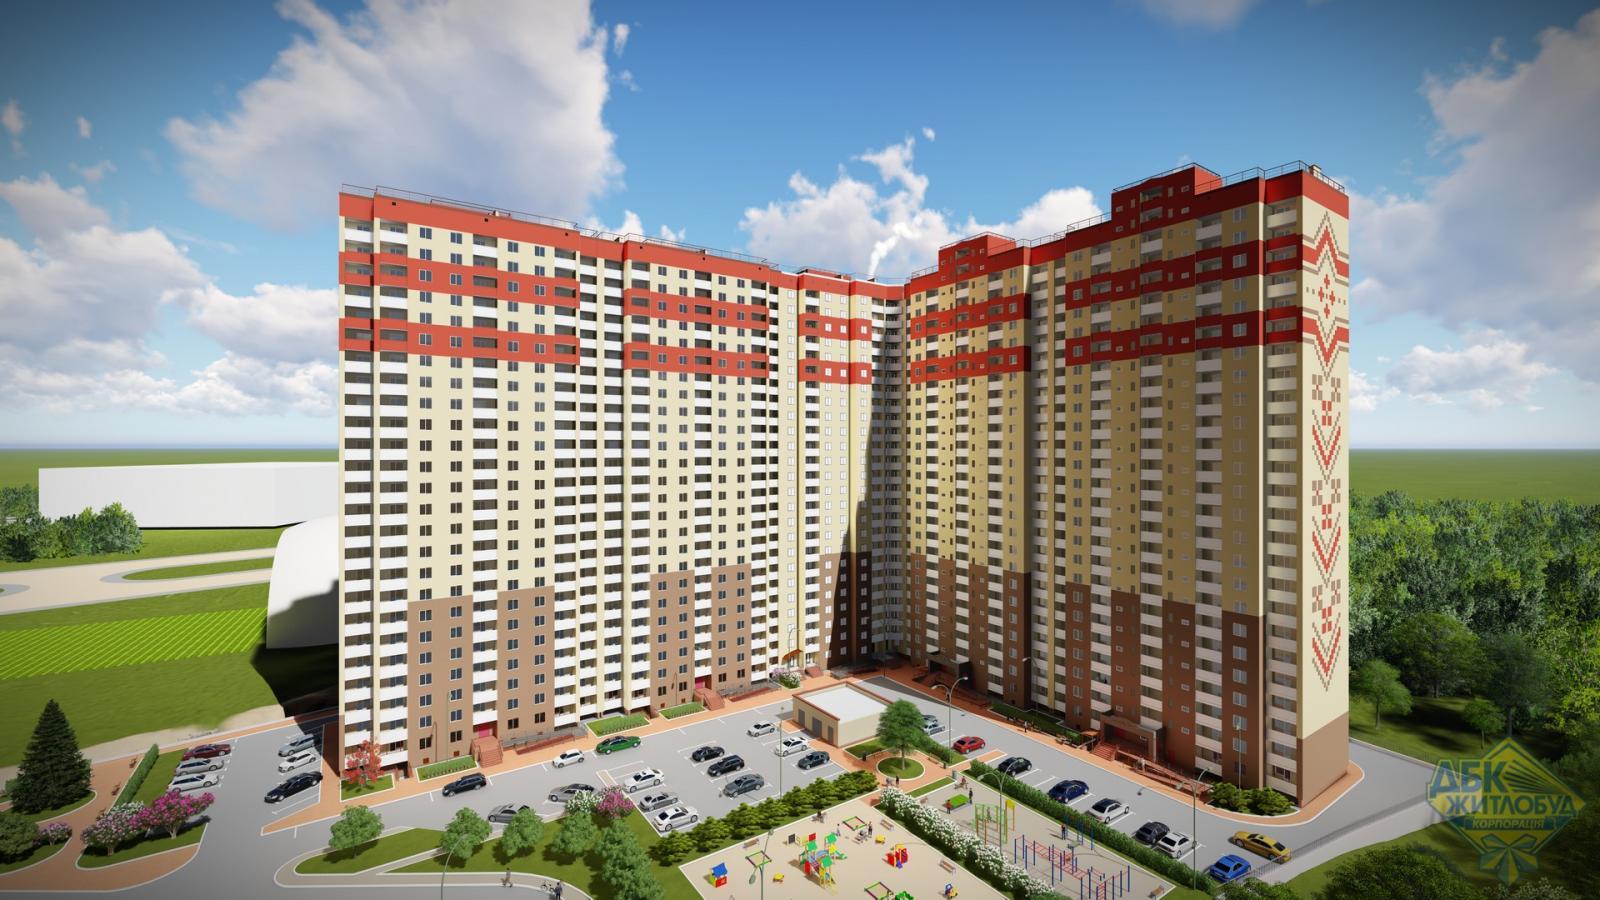 Сайт объявлений по съему недвижимости в России